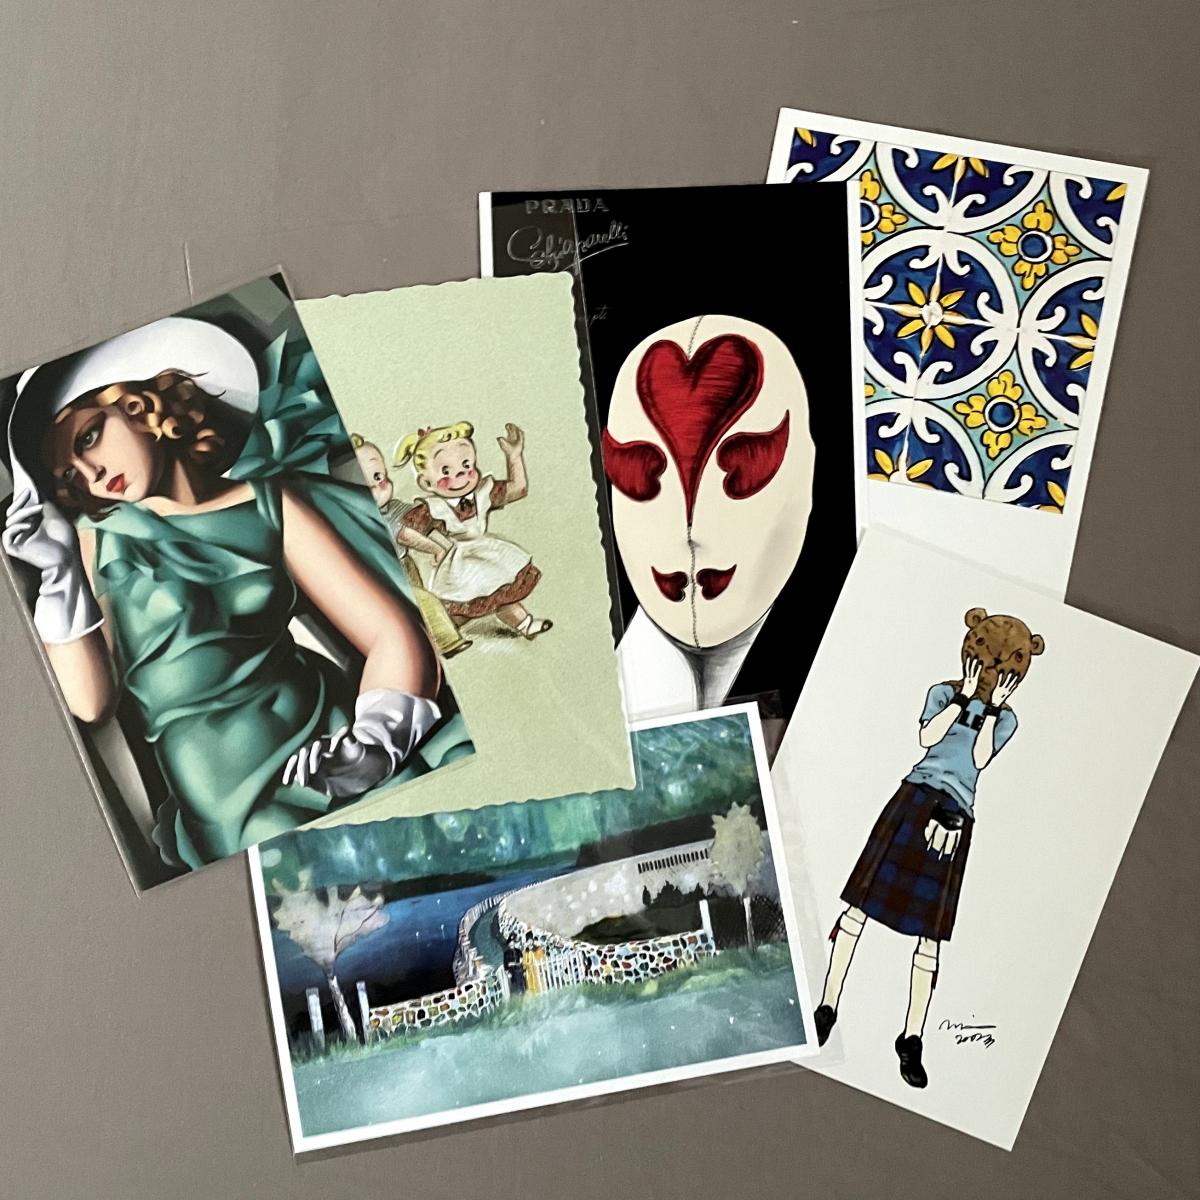 友人にはピーター・ドイク展で購入したポストカードを送りました(写真下)。